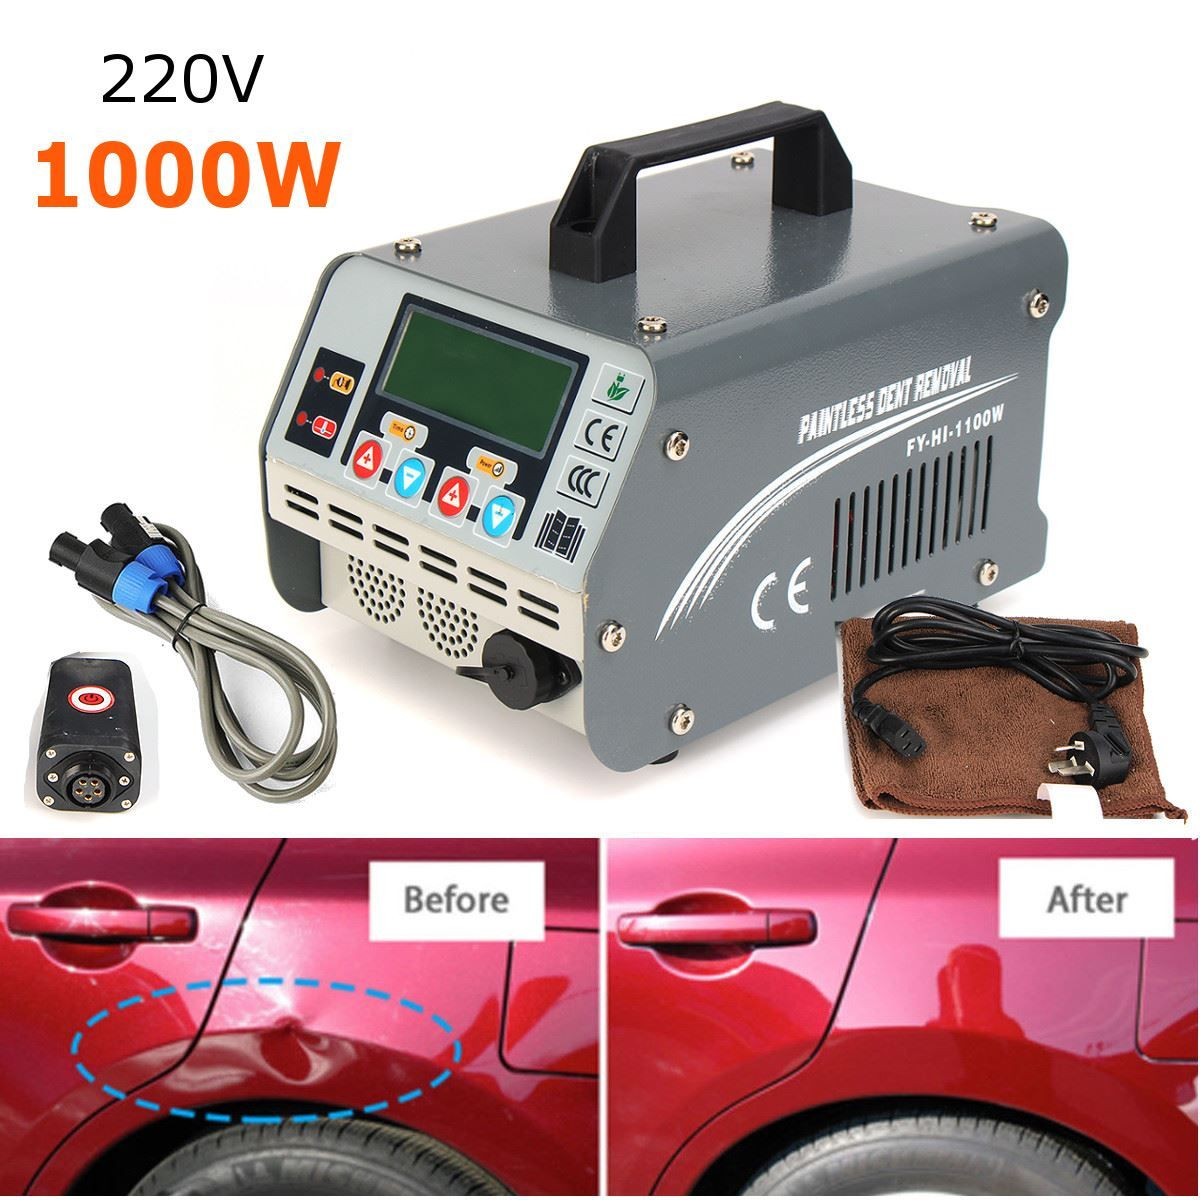 220 v 1100 watt Auto Ausbeulen ohne Reparatur Entferner PDR Induktion Heizung Heißer Box 2018